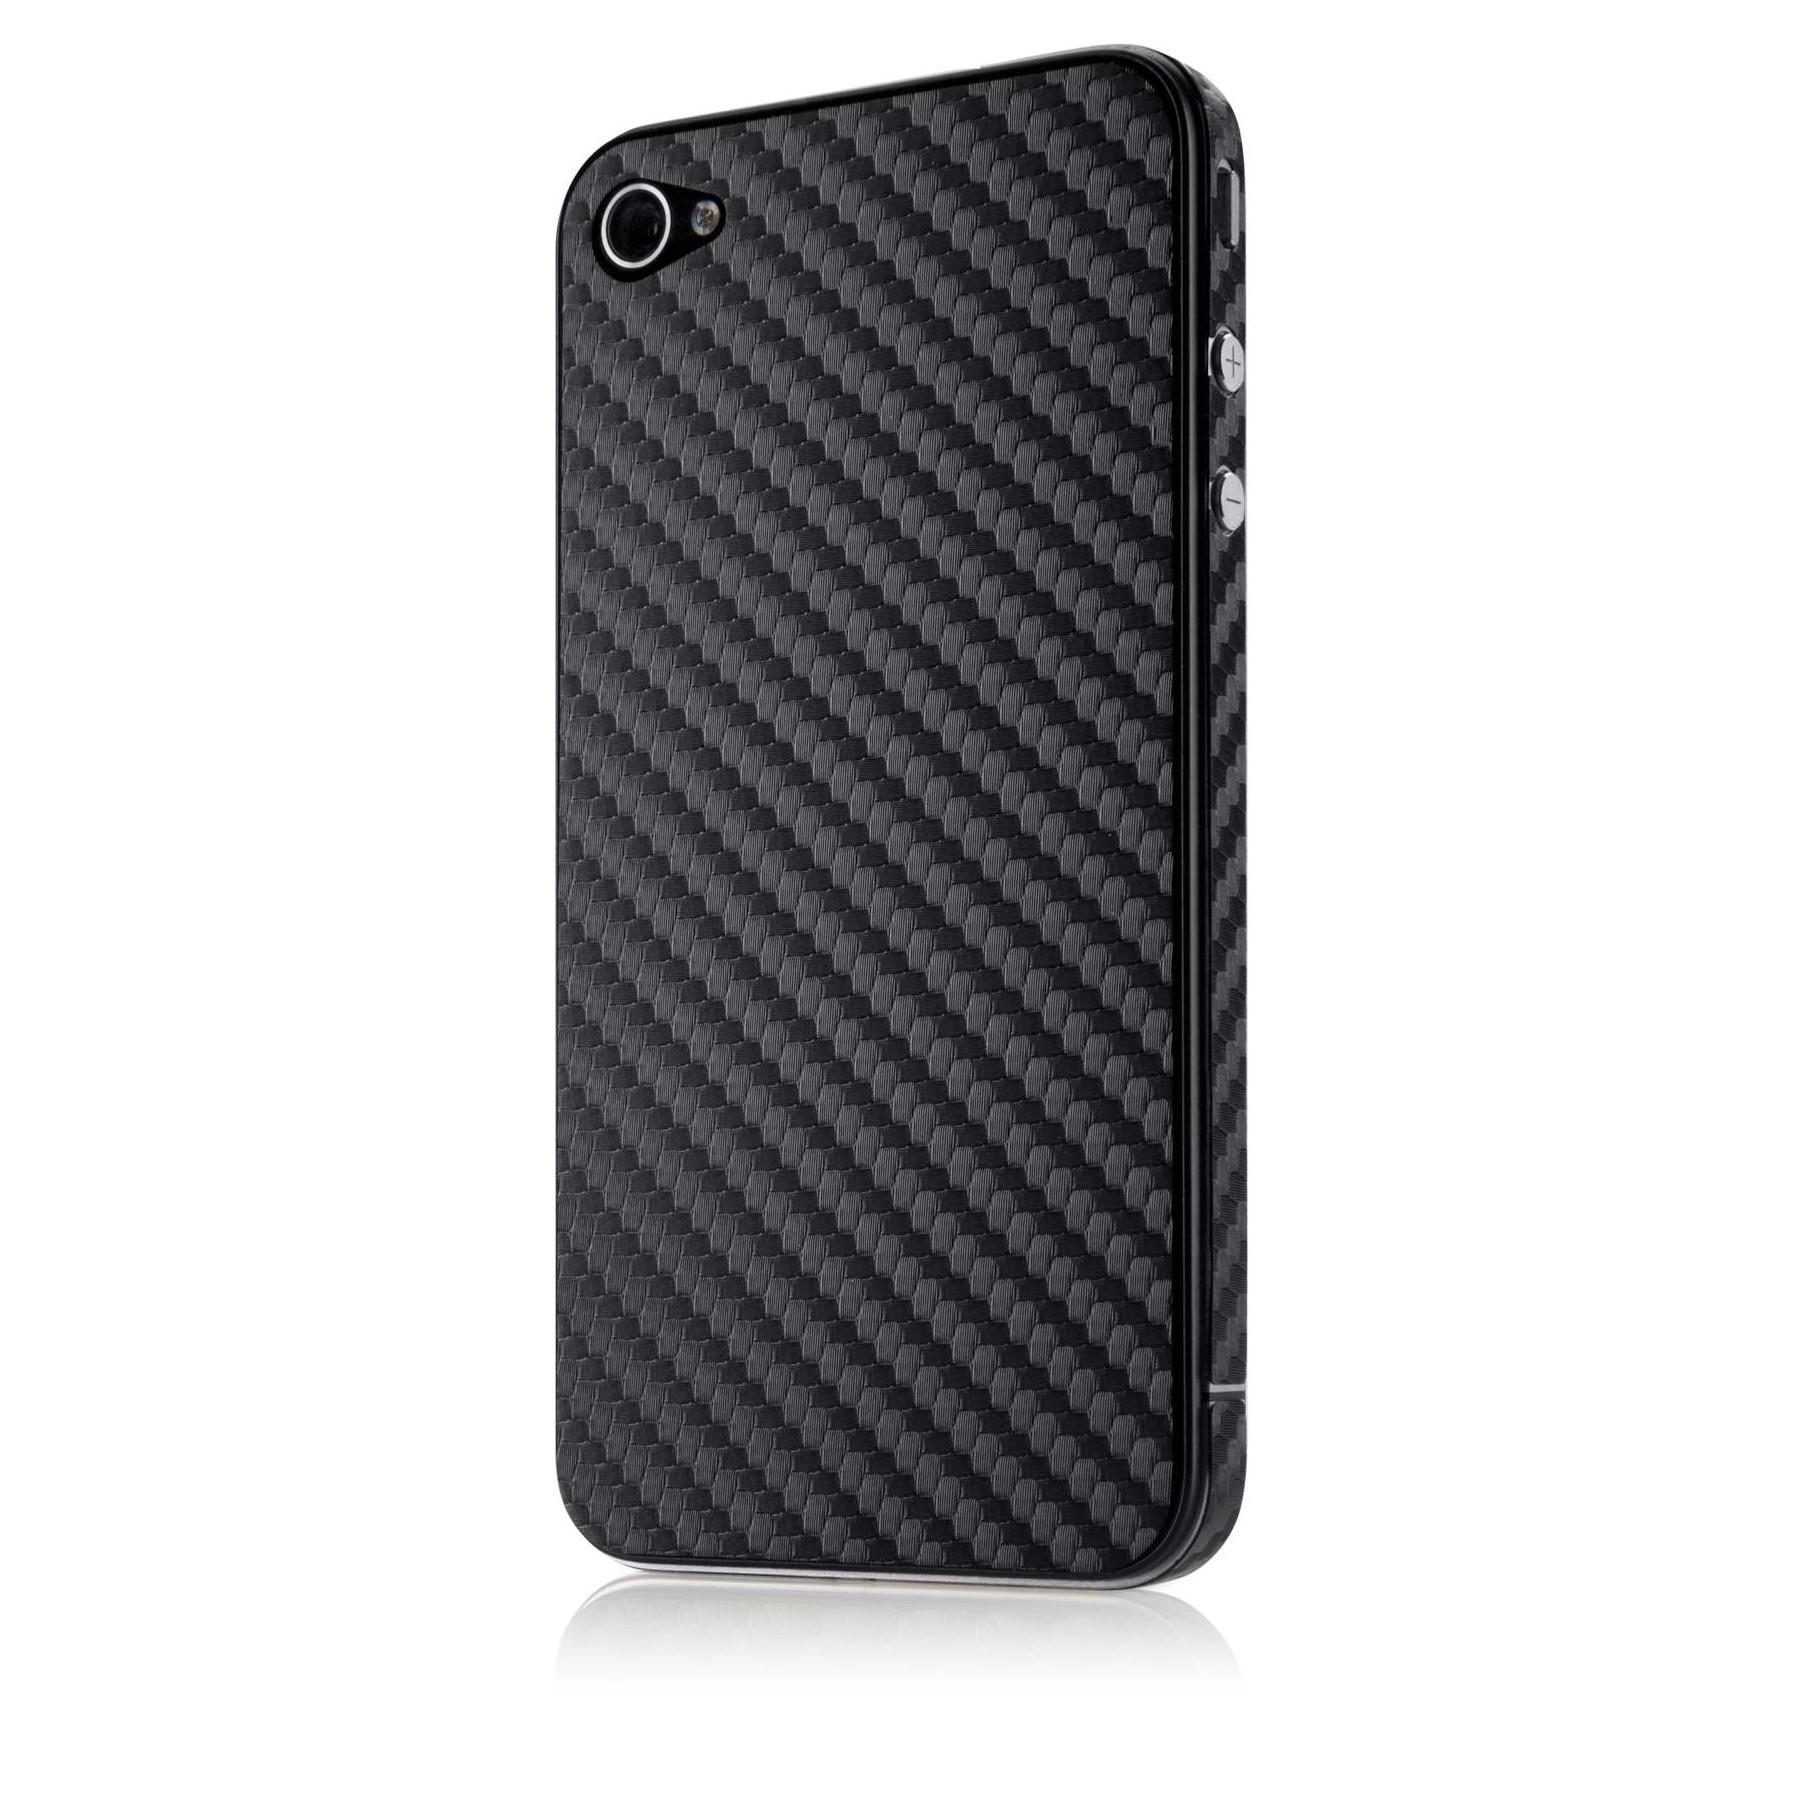 Belkin Carbon Fiber Sticker til iPhone 4/4S - Sort